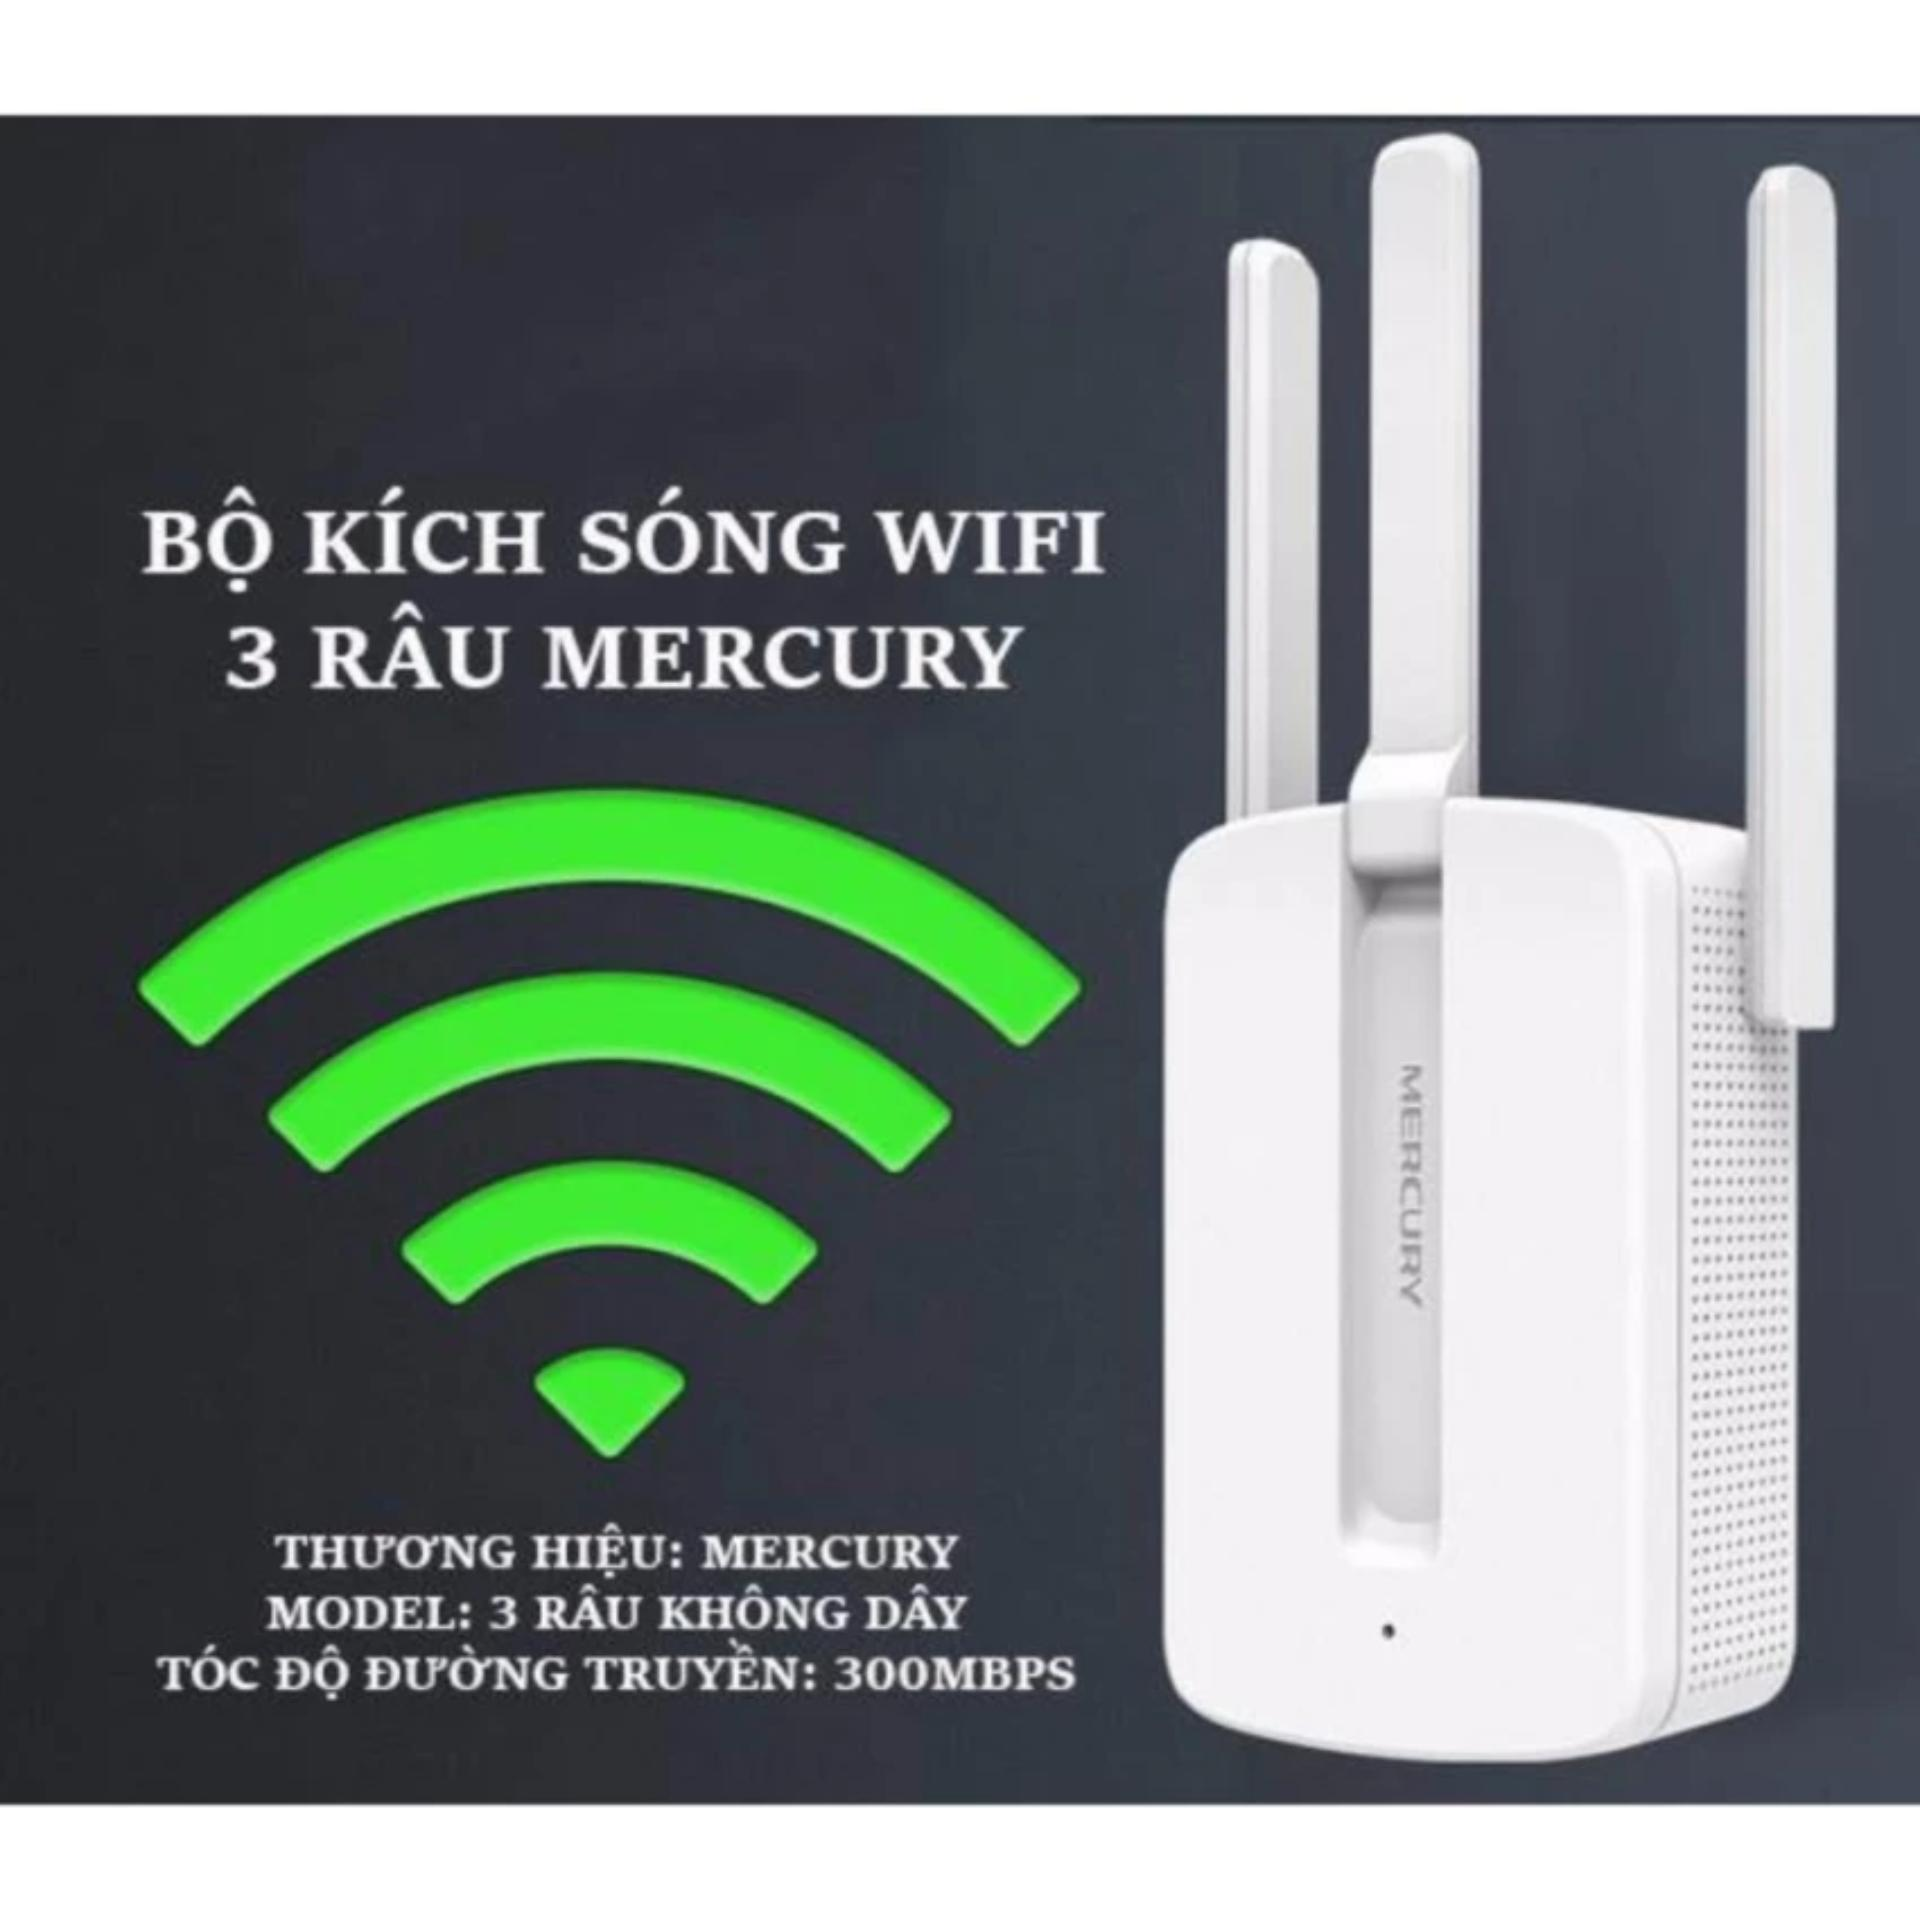 Bộ kích sóng wifi 3 râu Mercury (wireless 300Mbps) cực mạnh